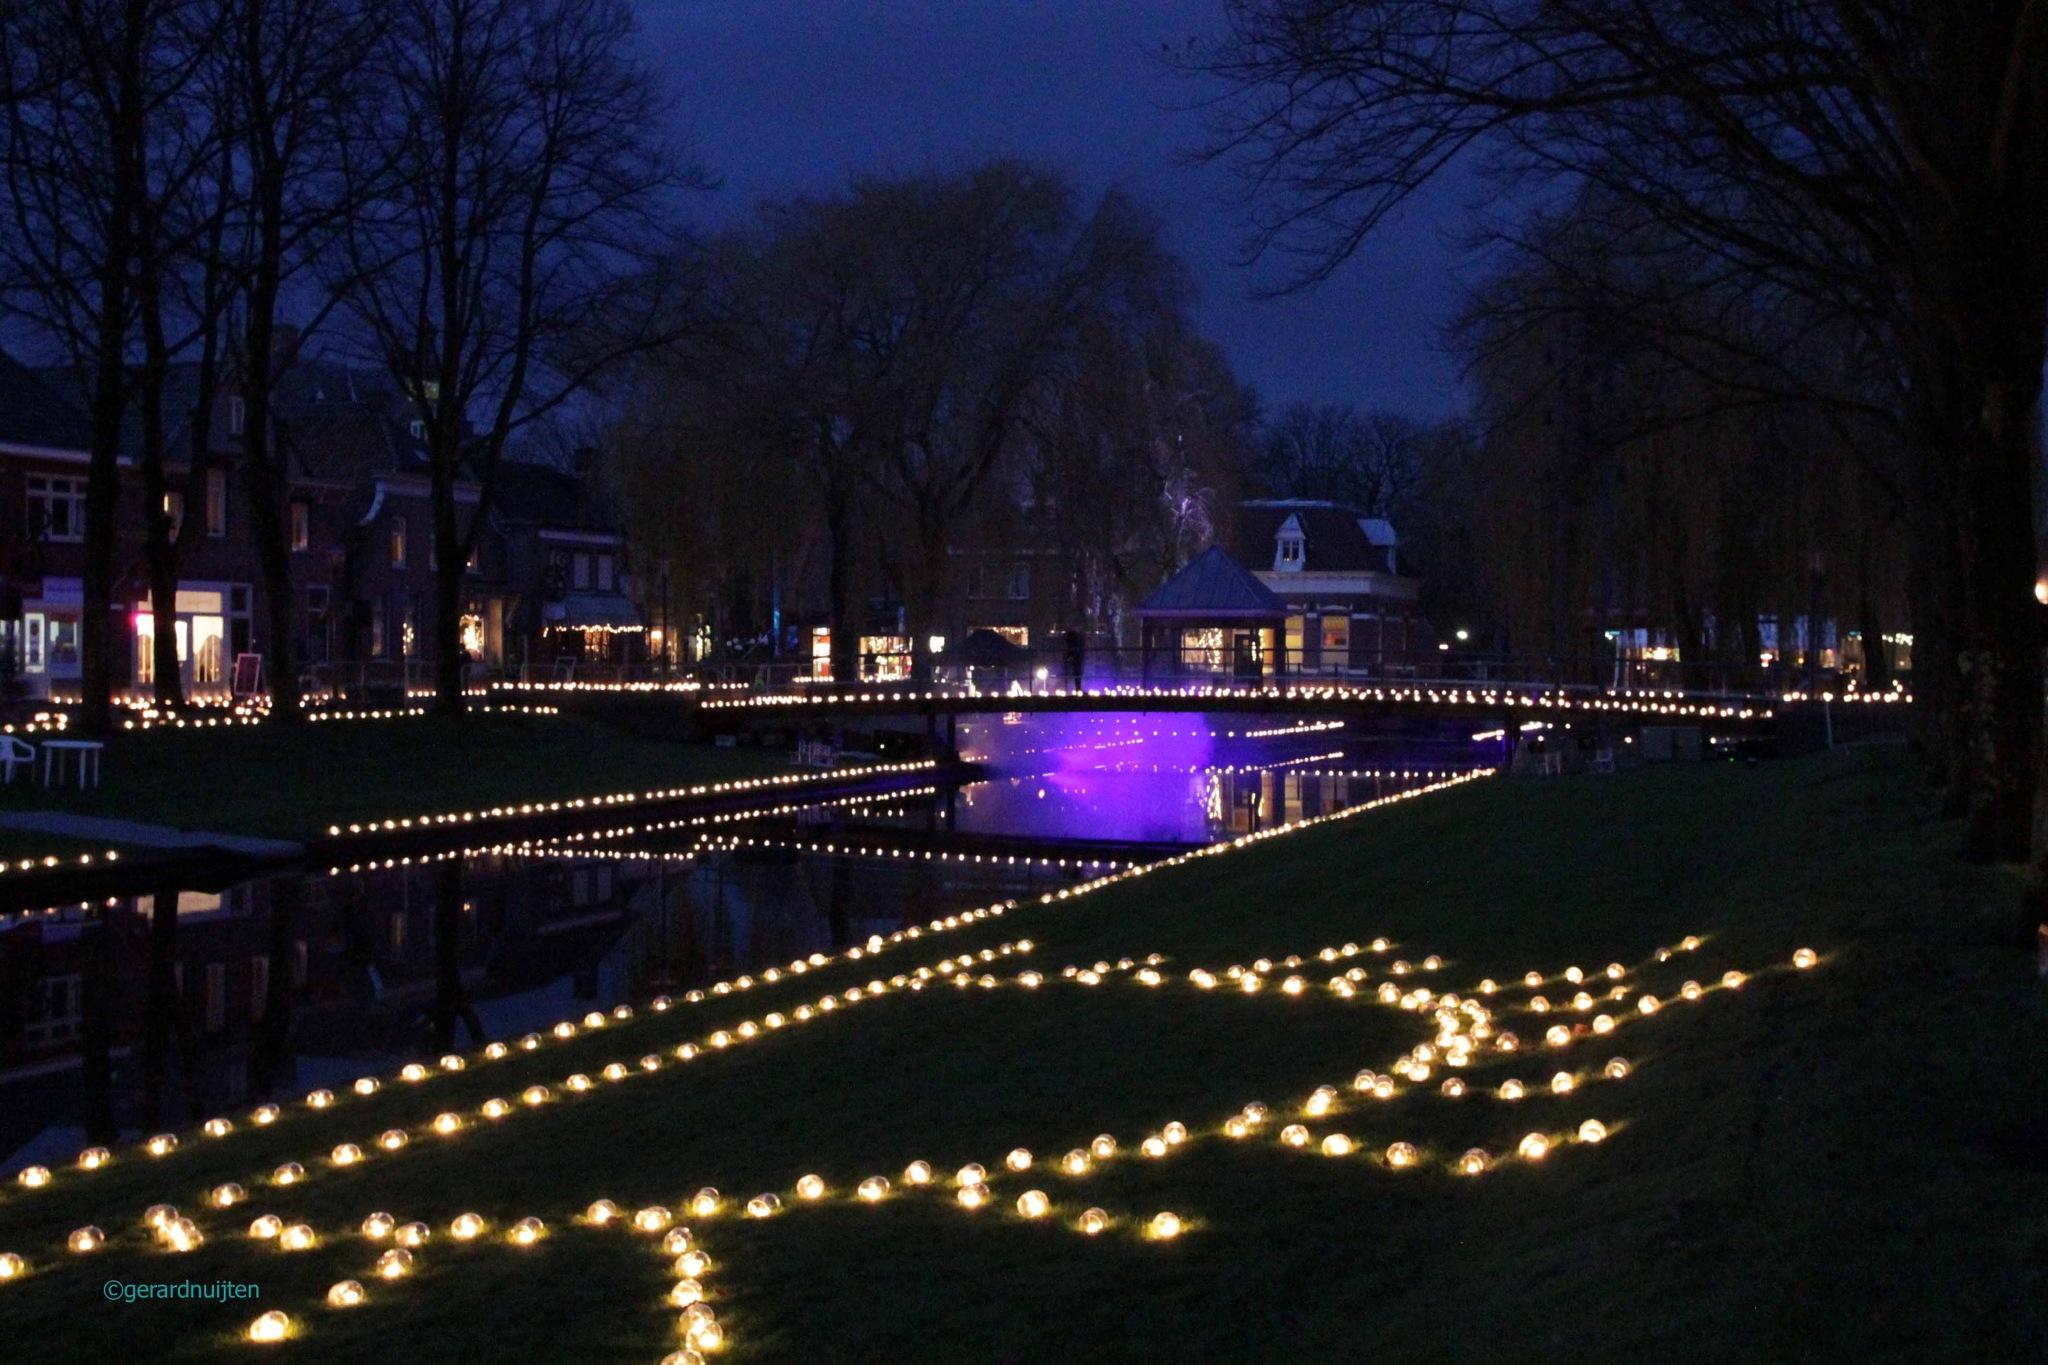 klundert bij kaarslicht 1 by Gerard Nuijten